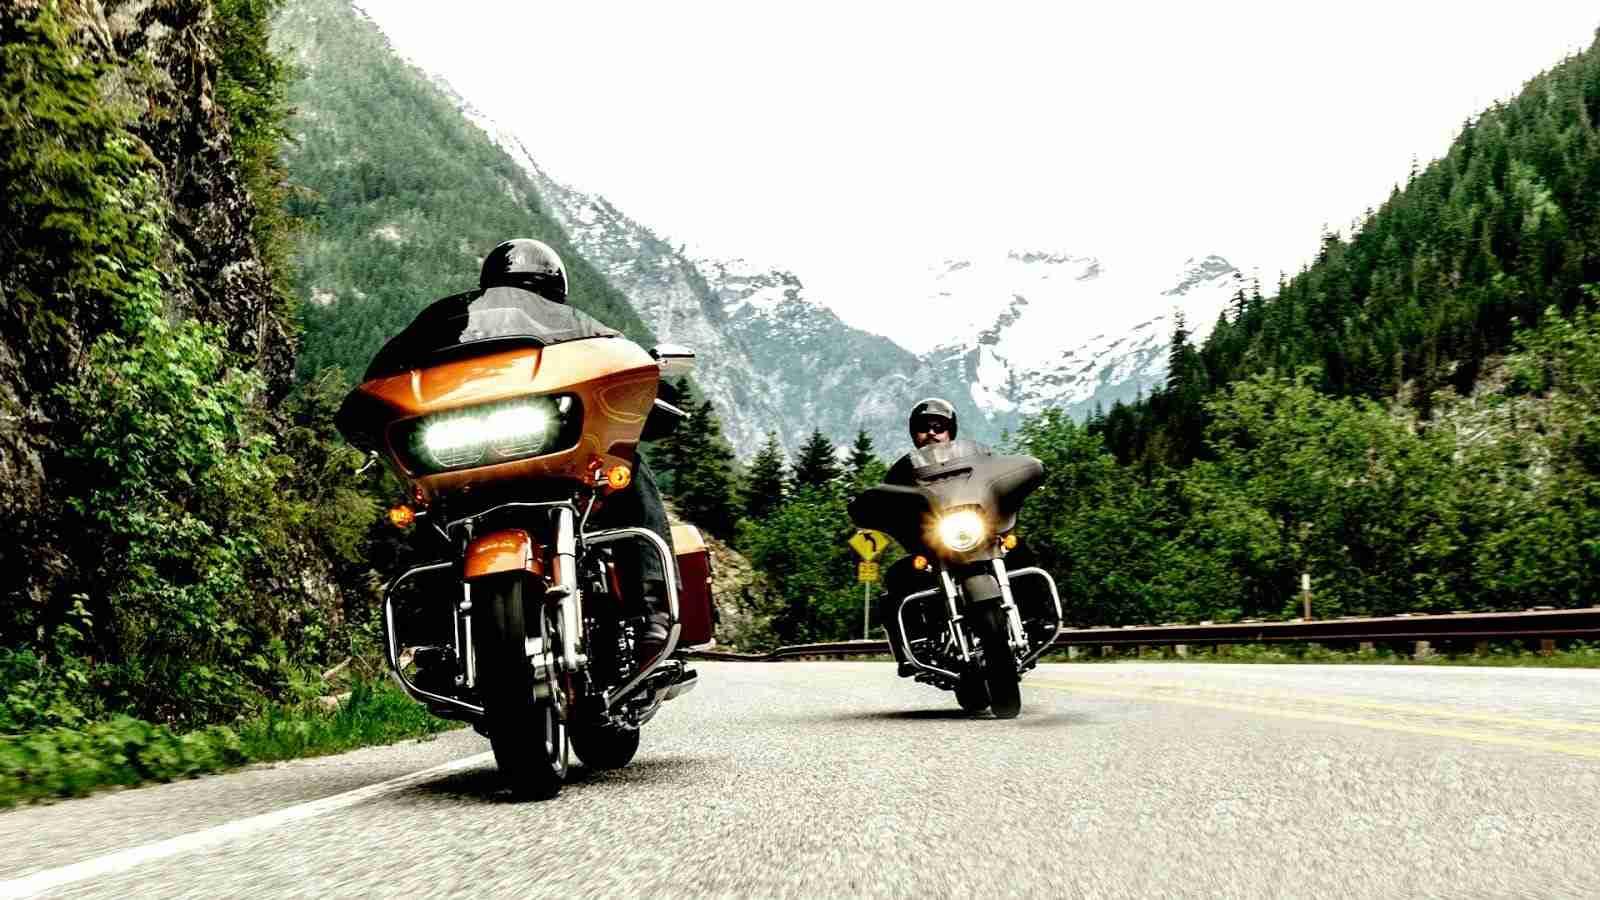 2015 Harley Davidson Road Glide - on road